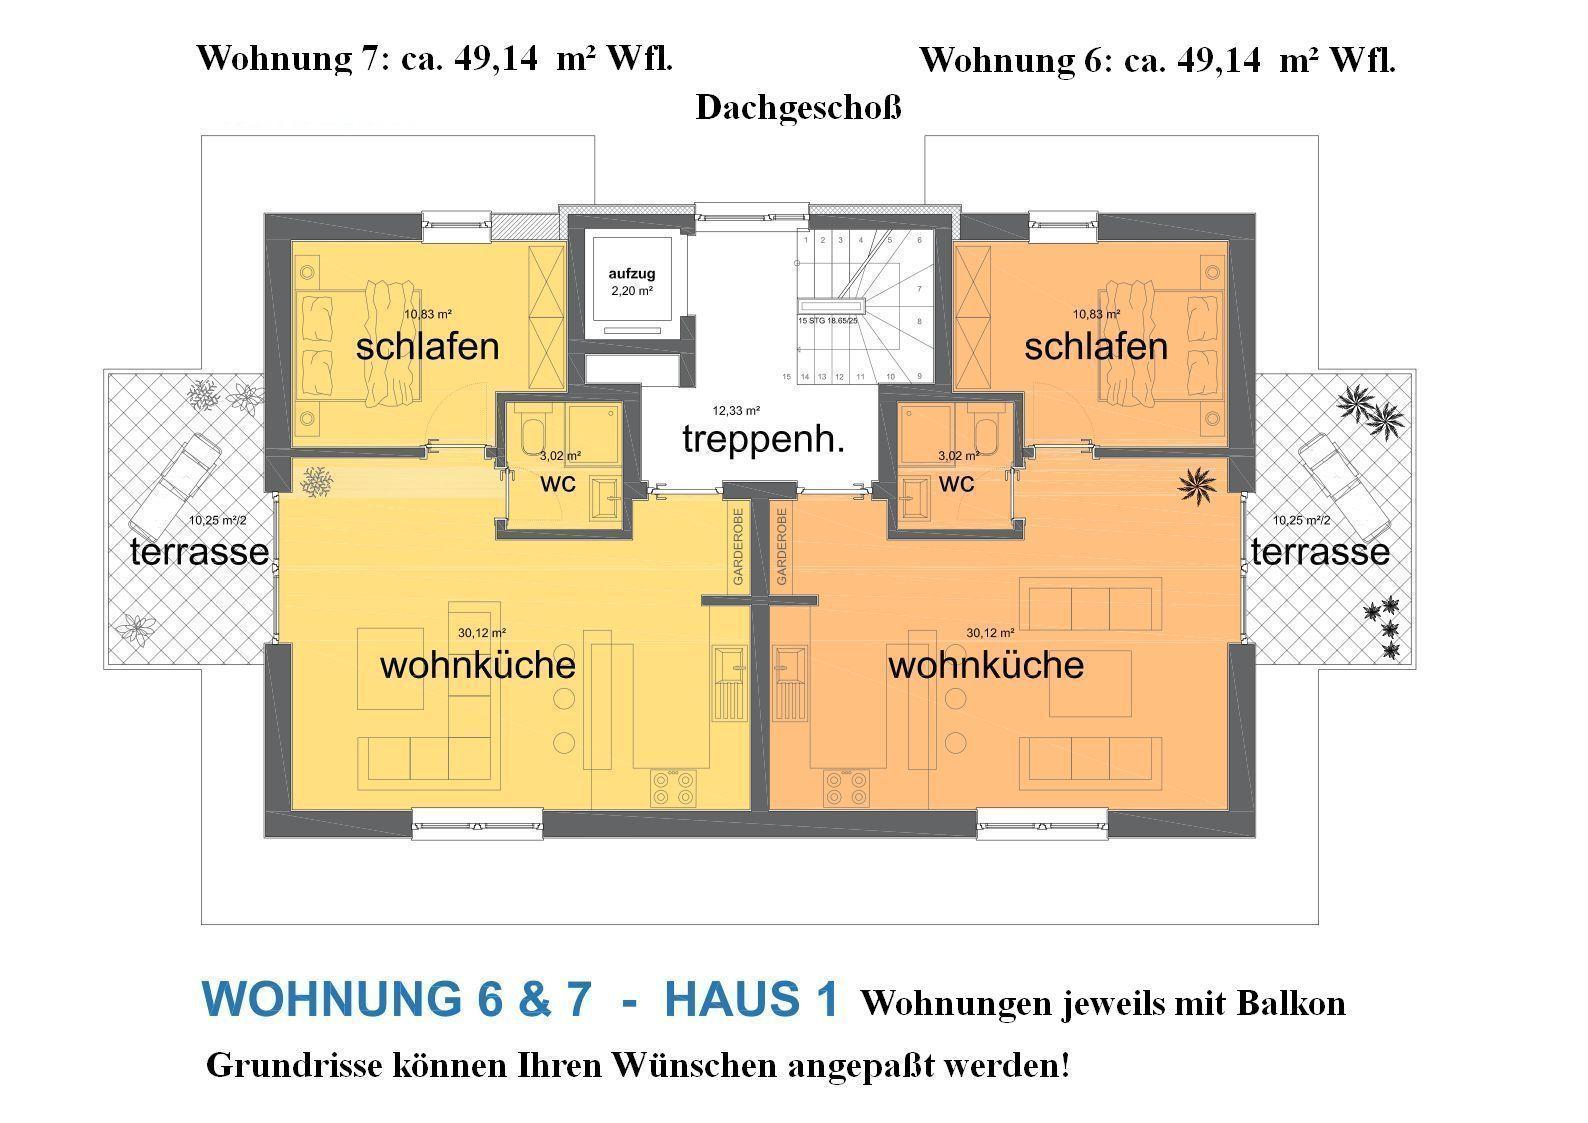 Haus 1: Grundrisse DG-Wohnungen 6 und 7